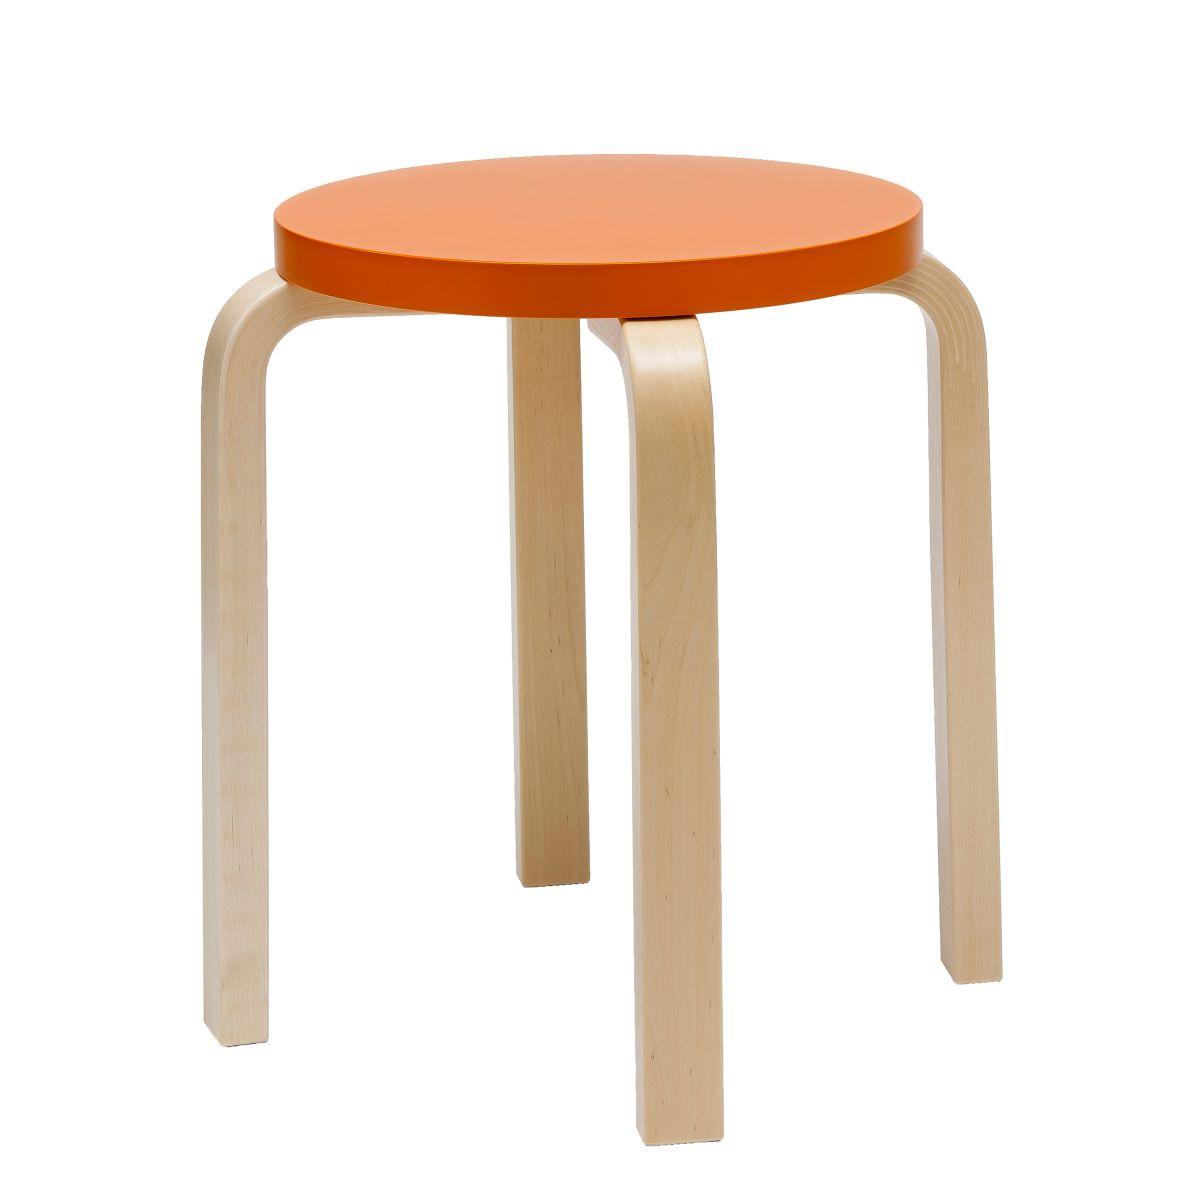 Stool E60 Paimio orange top